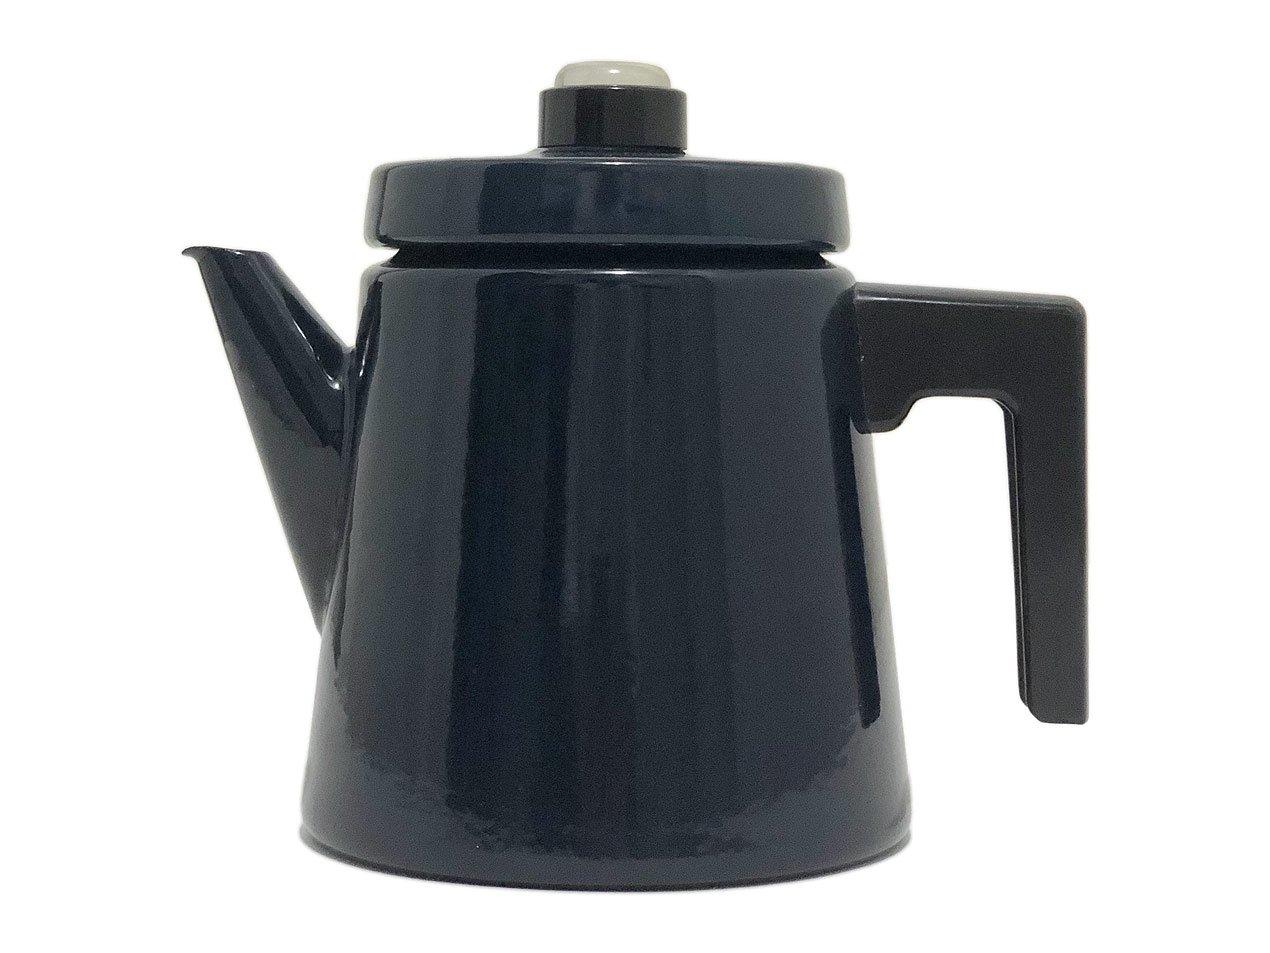 FINEL コーヒーポット ネイビー